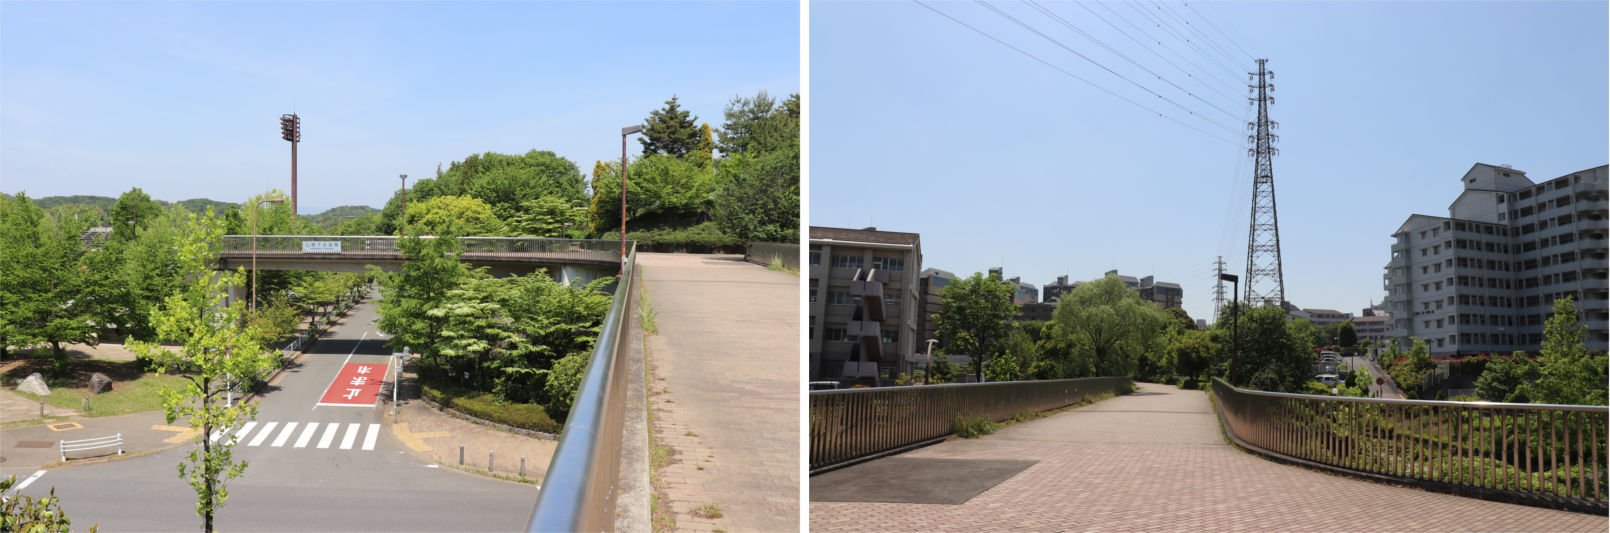 [多摩NTの橋ぜんぶ撮影PJ] No.36~40 上柚木公園周辺の橋_a0332275_01063276.jpg